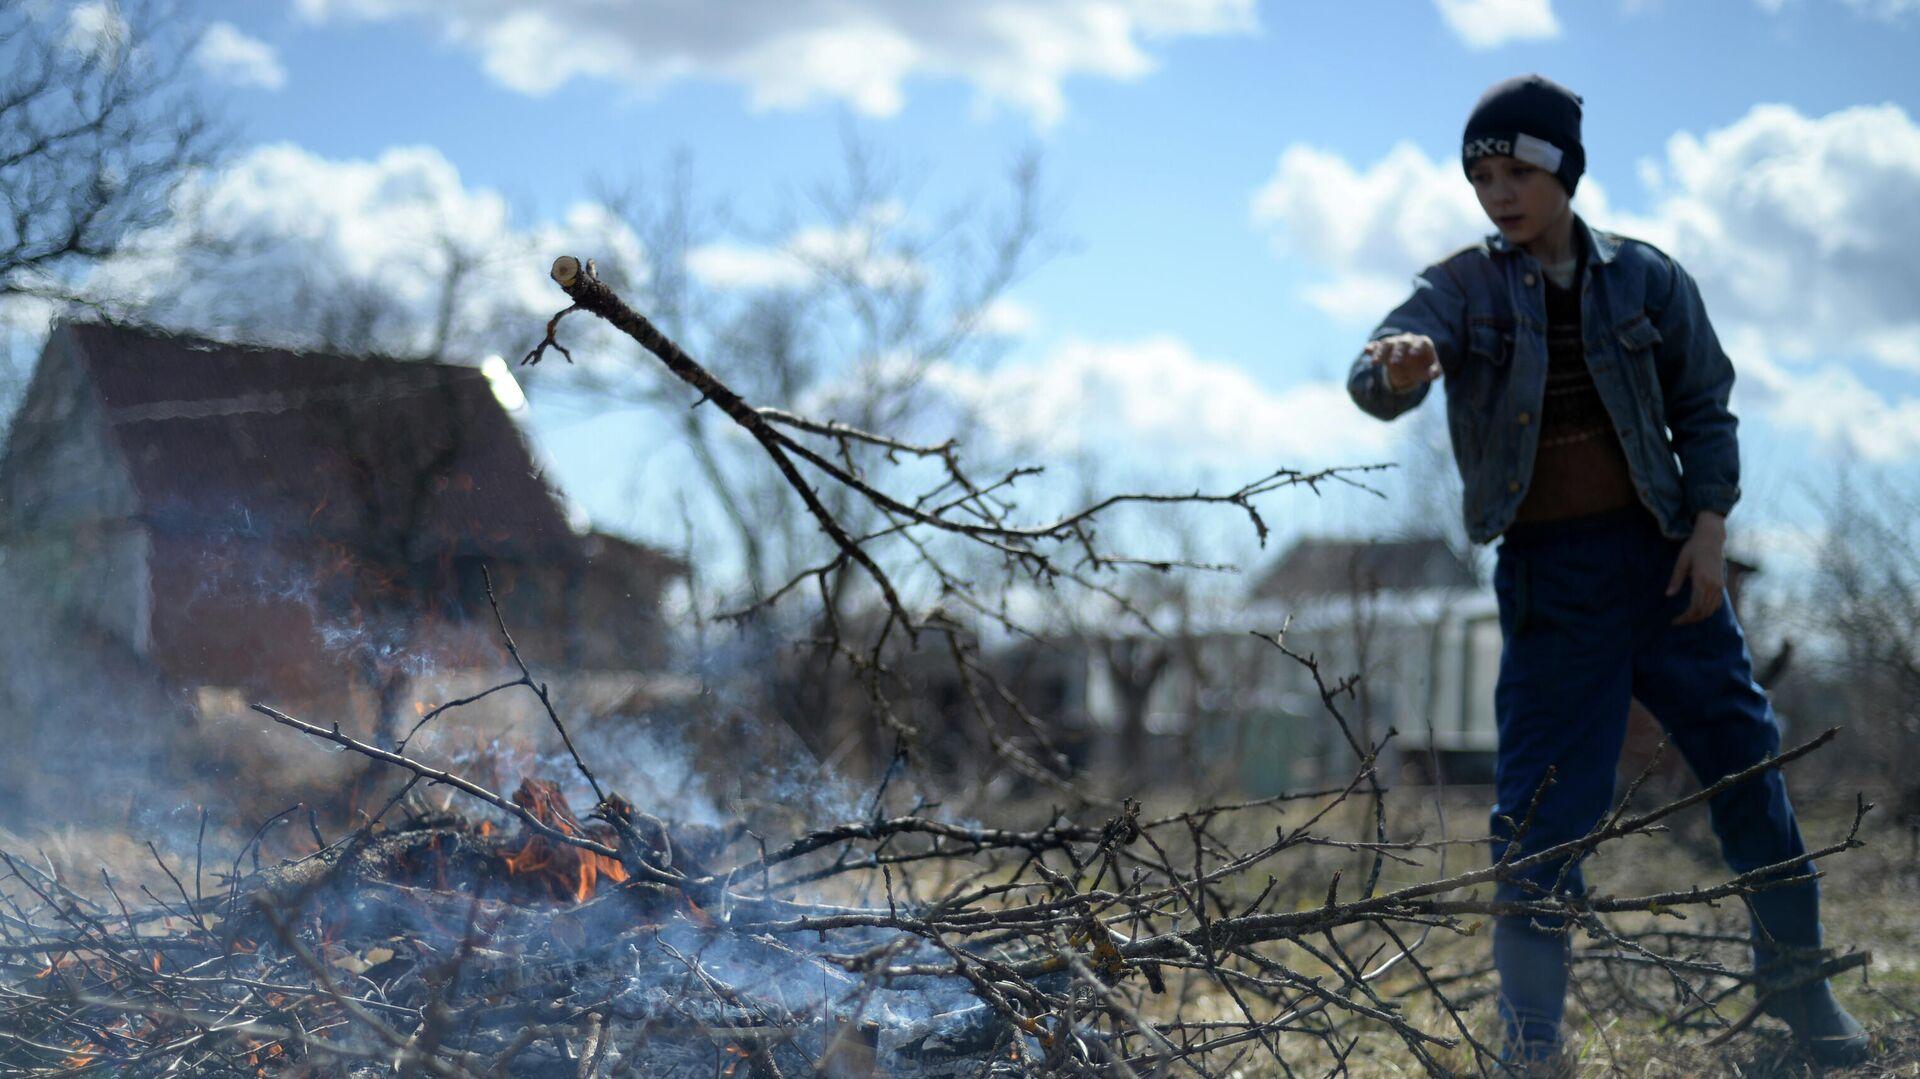 Дачники сжигают старые ветки на приусадебном участке в Новгородской области - РИА Новости, 1920, 18.07.2021